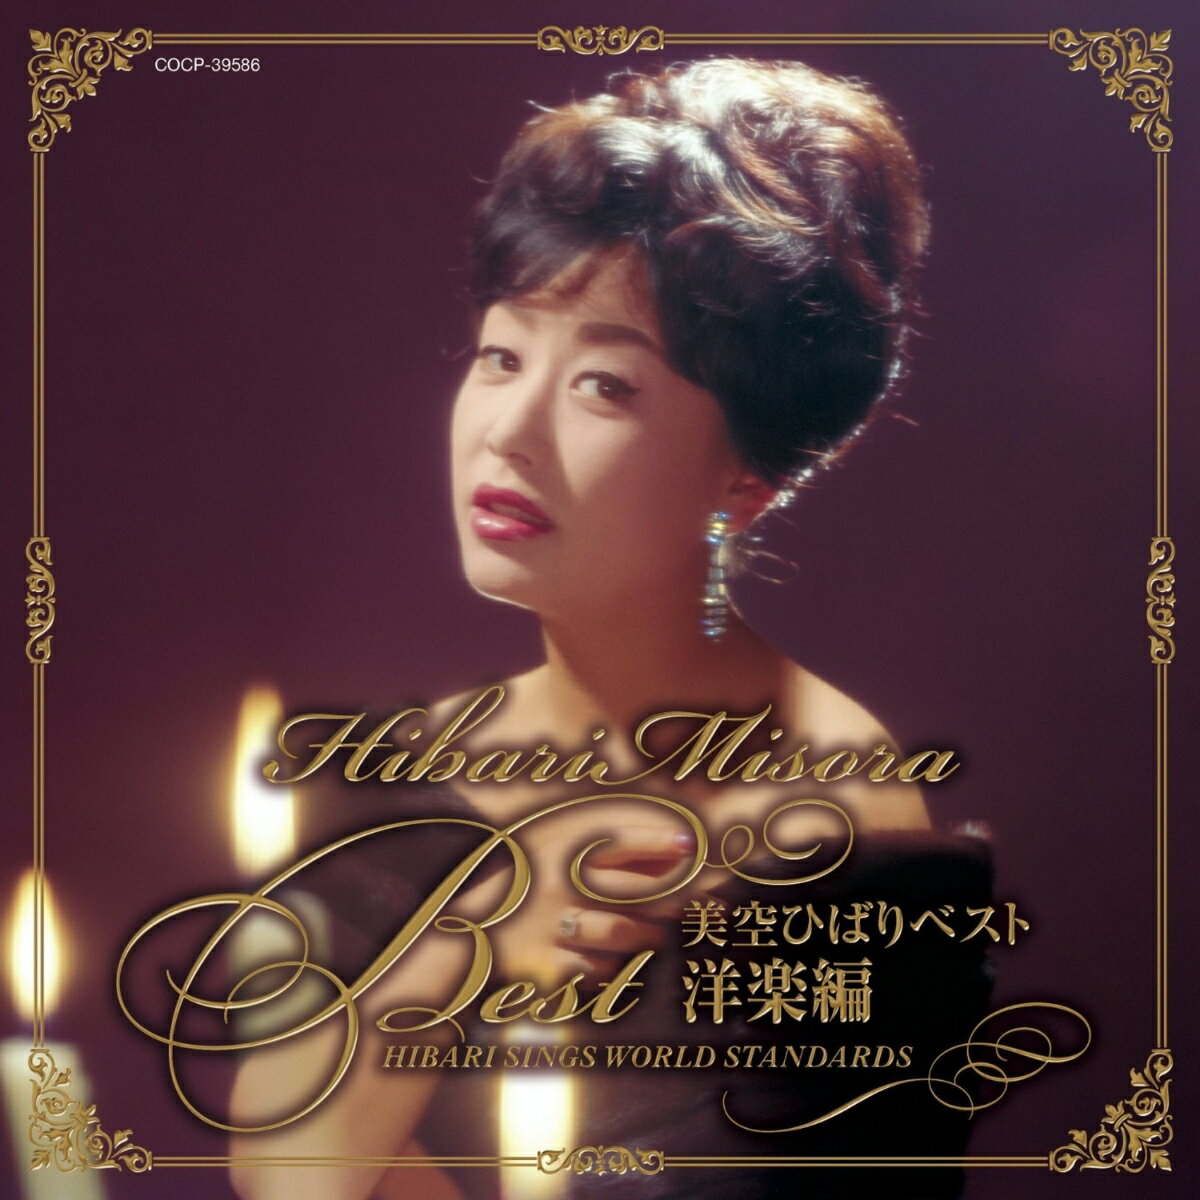 美空ひばりベスト 洋楽編 HIBARI SINGS WORLD STANDARDS画像